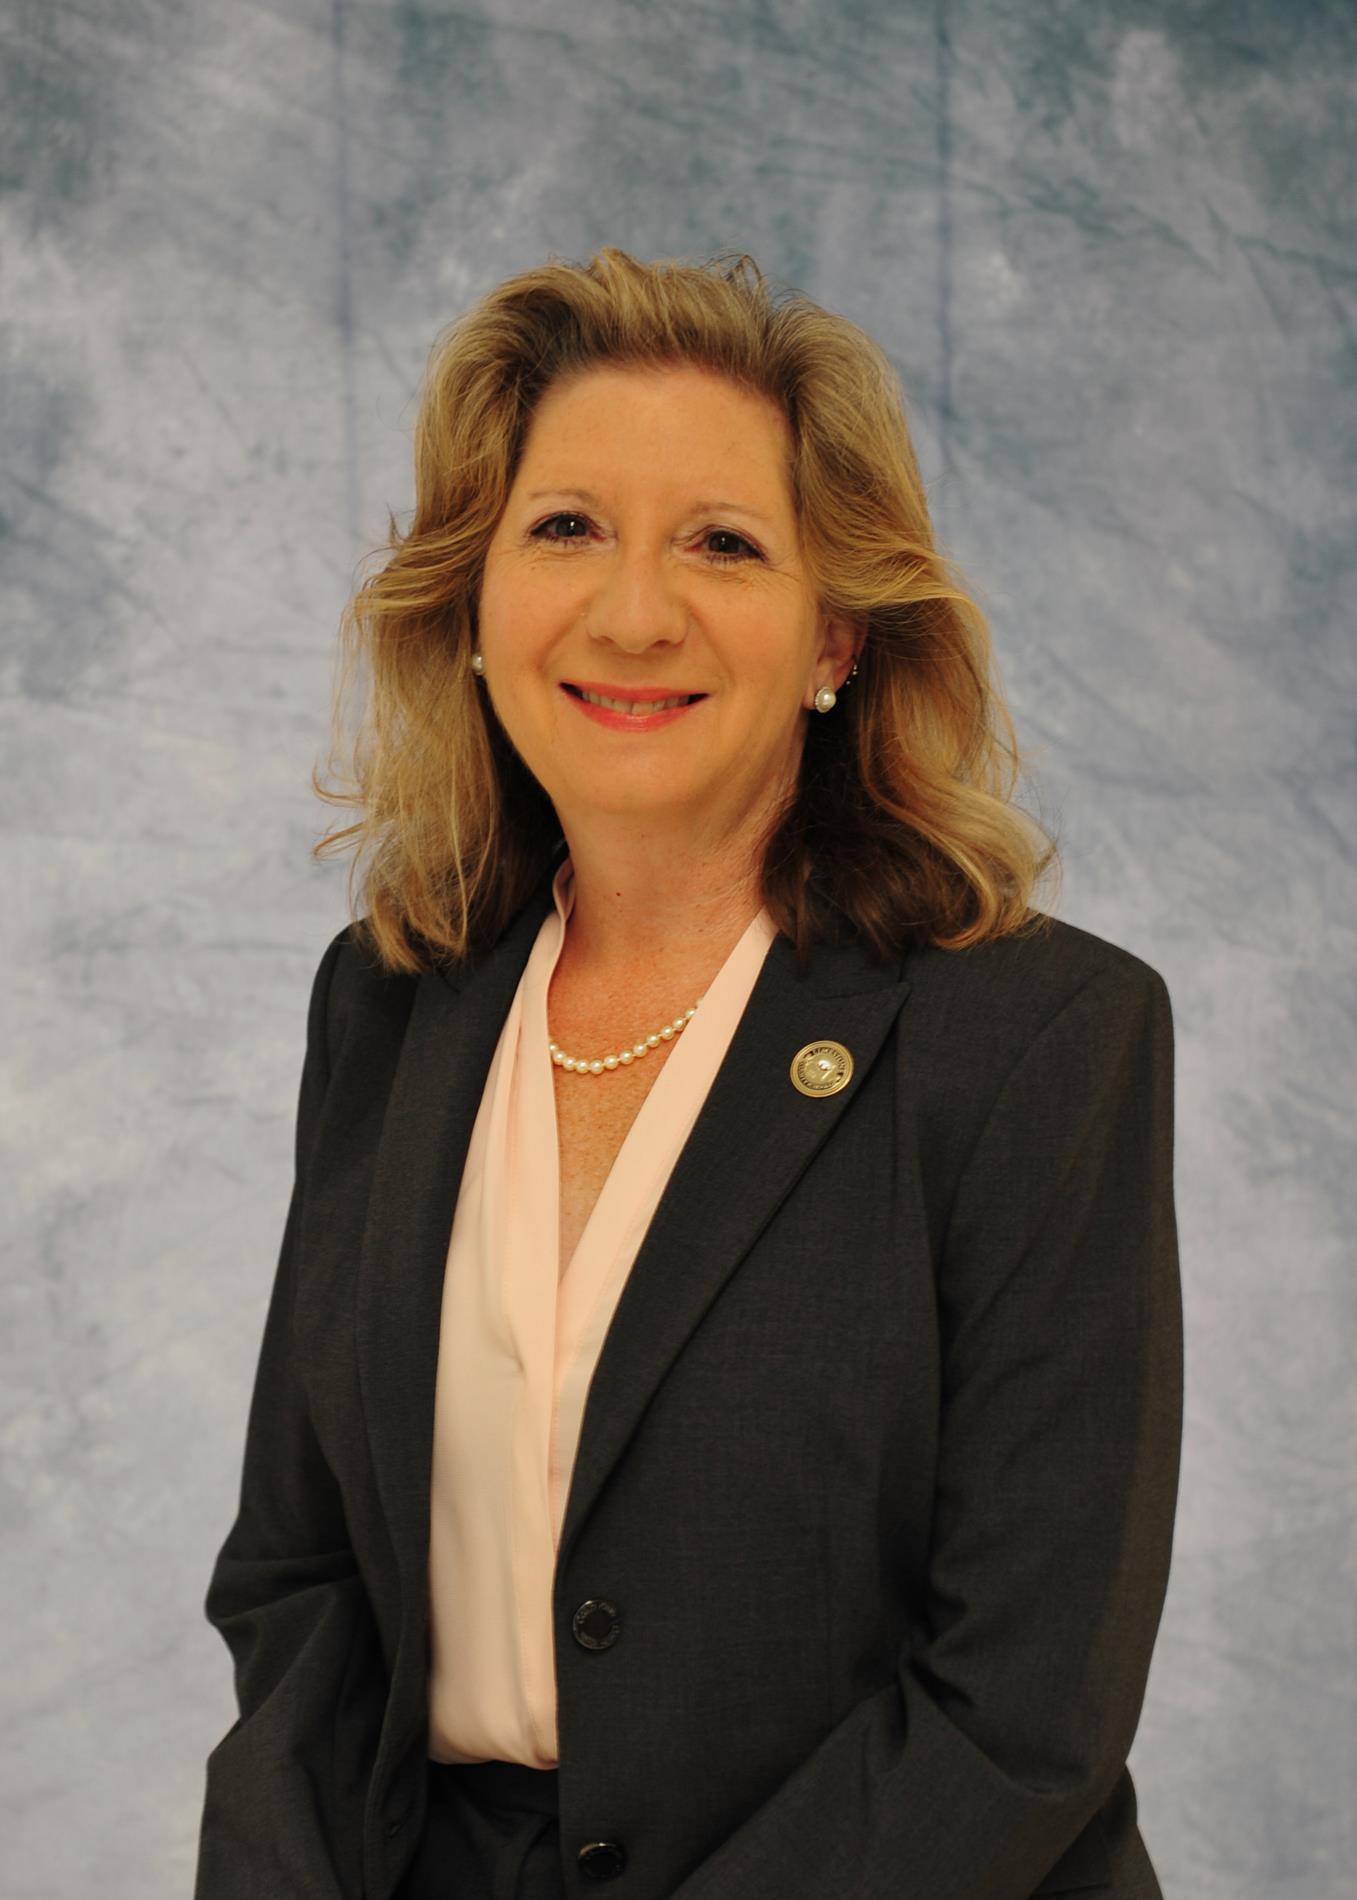 Rebecca Dunnivant, Principal